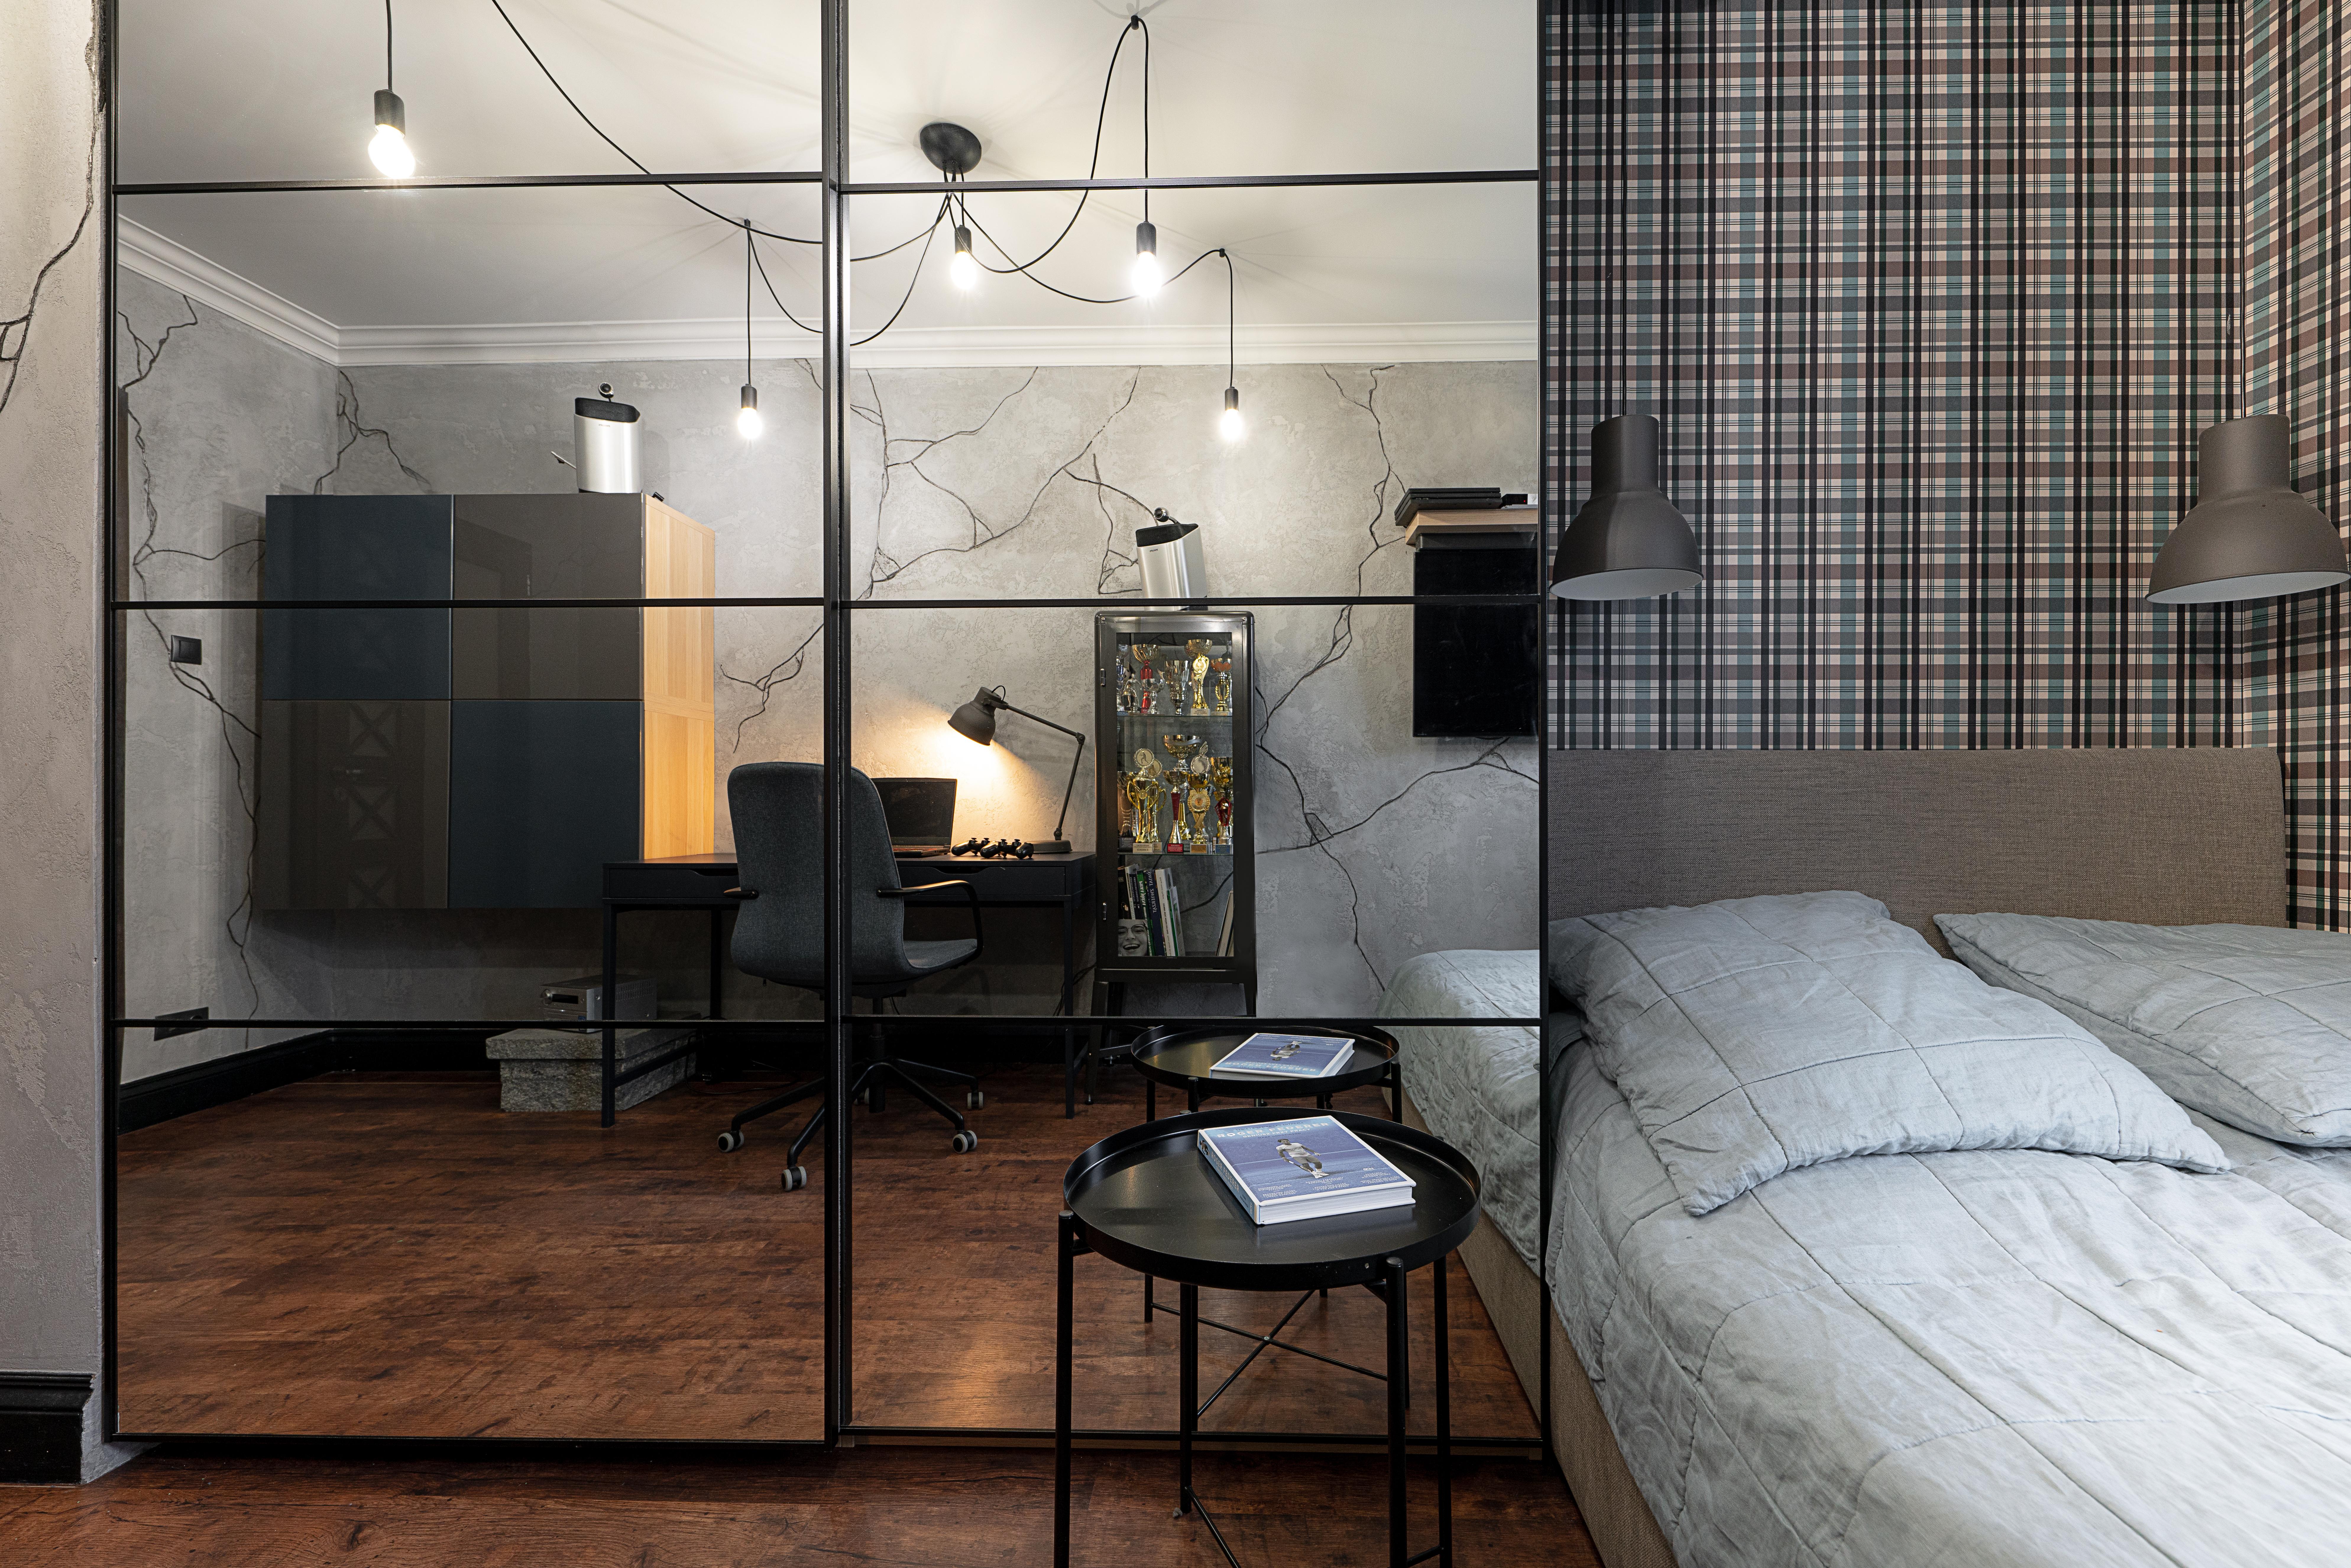 Home_design-8